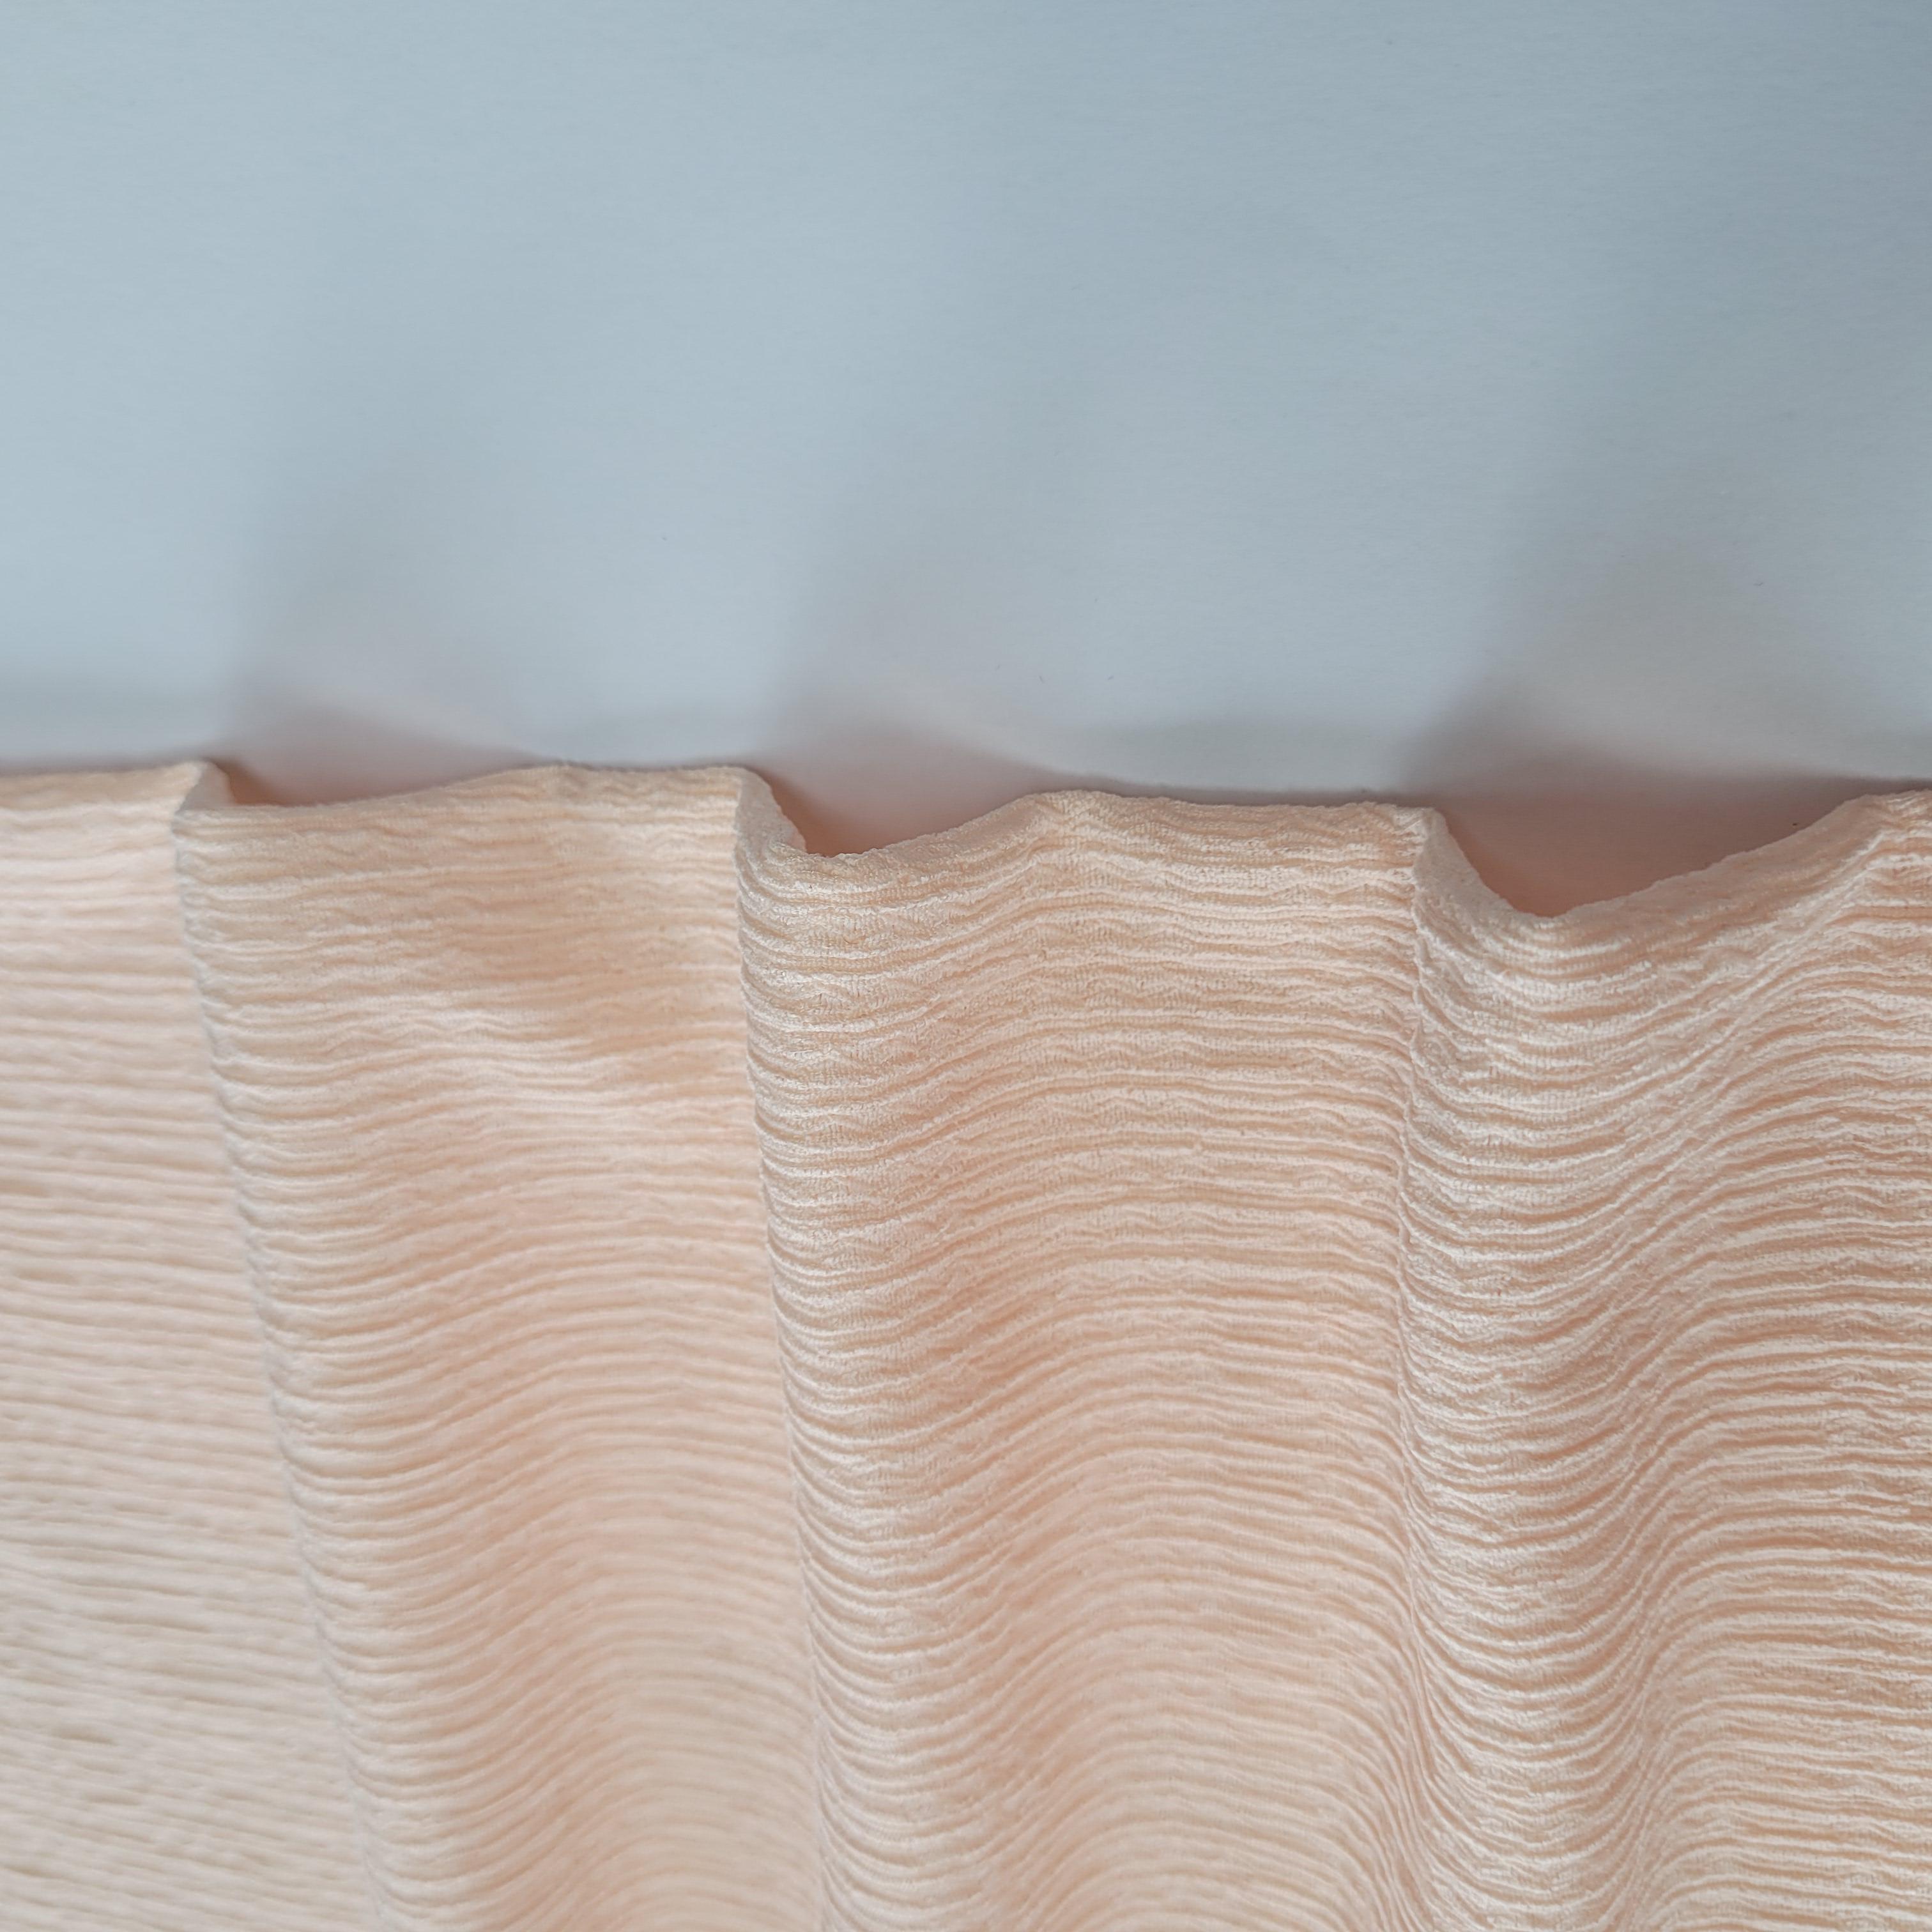 2022 модная одежда, Весенняя ткань из полиэстера и спандекса, ткань, ткань, трикотажная ткань для платьев для девочек